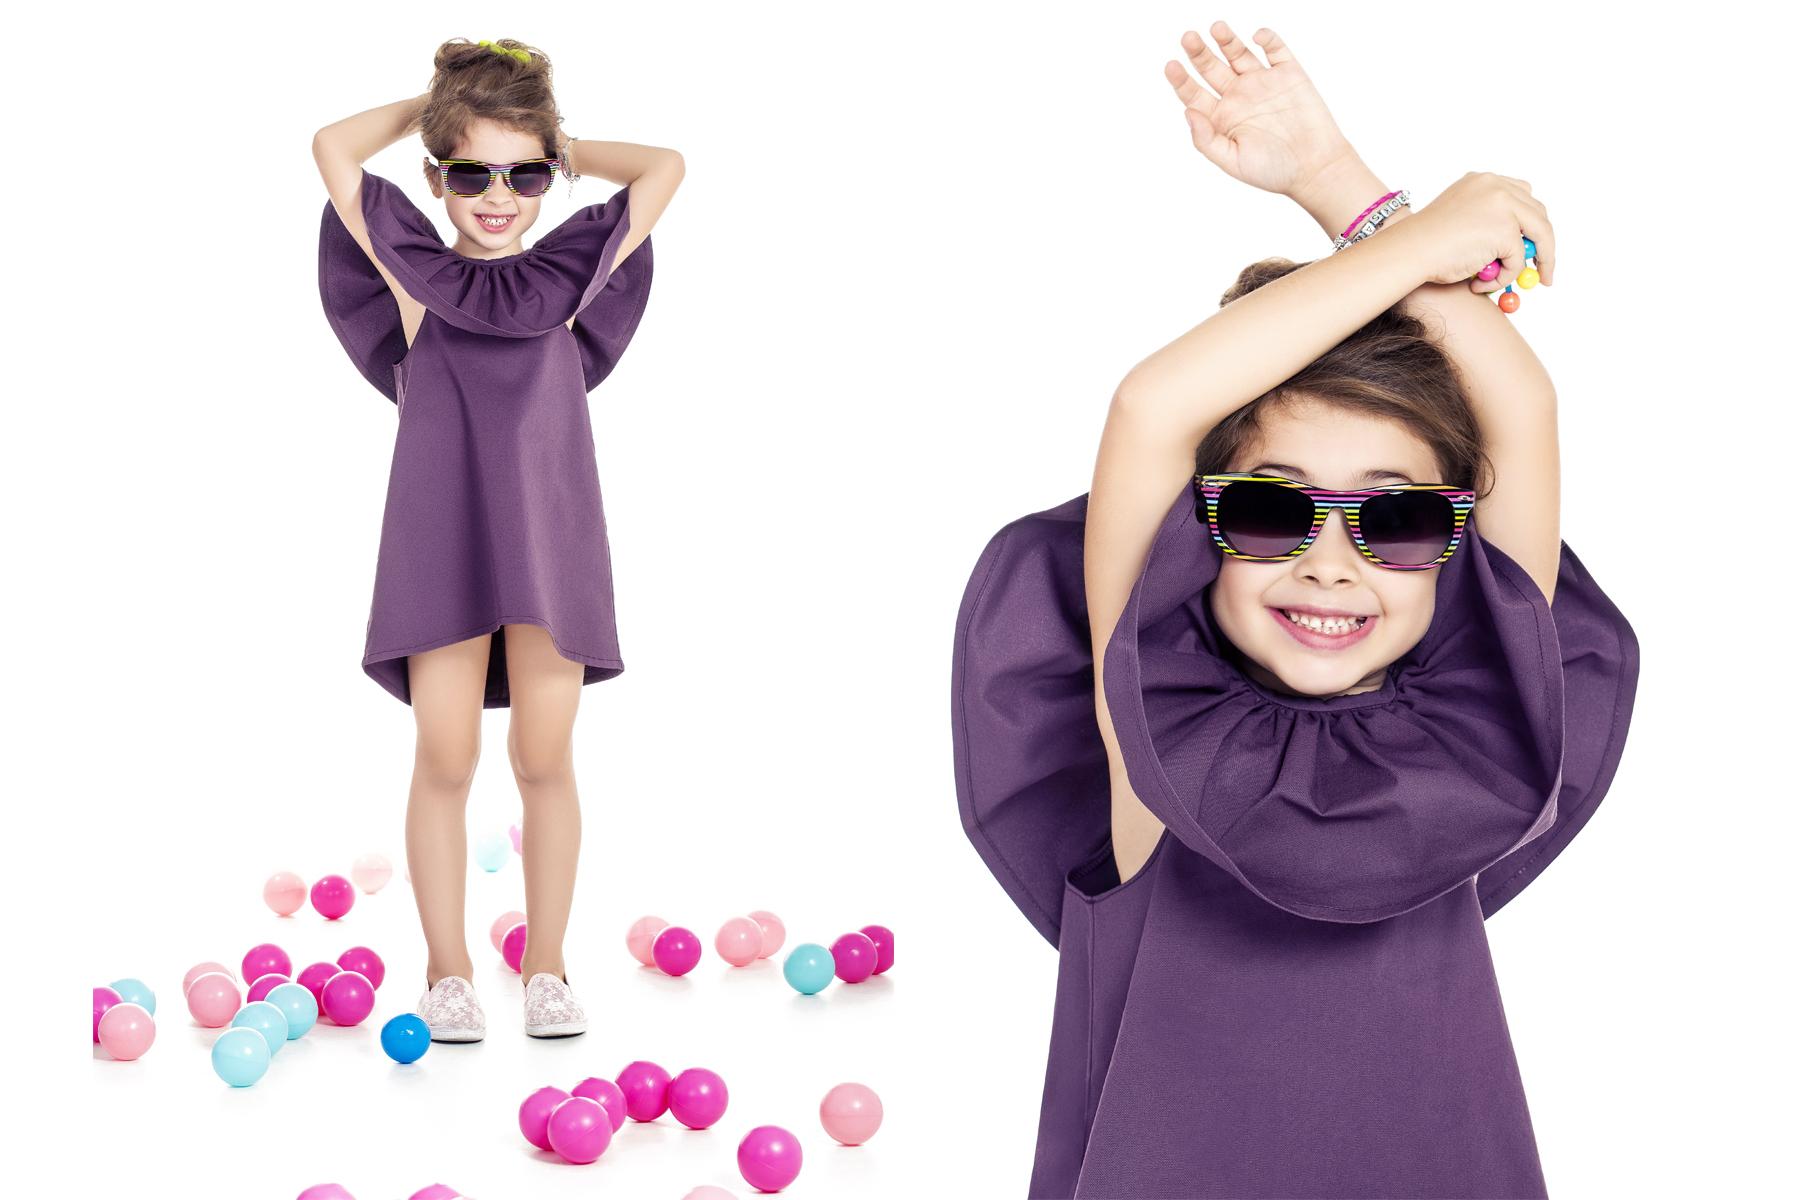 Fashion by Kids_001